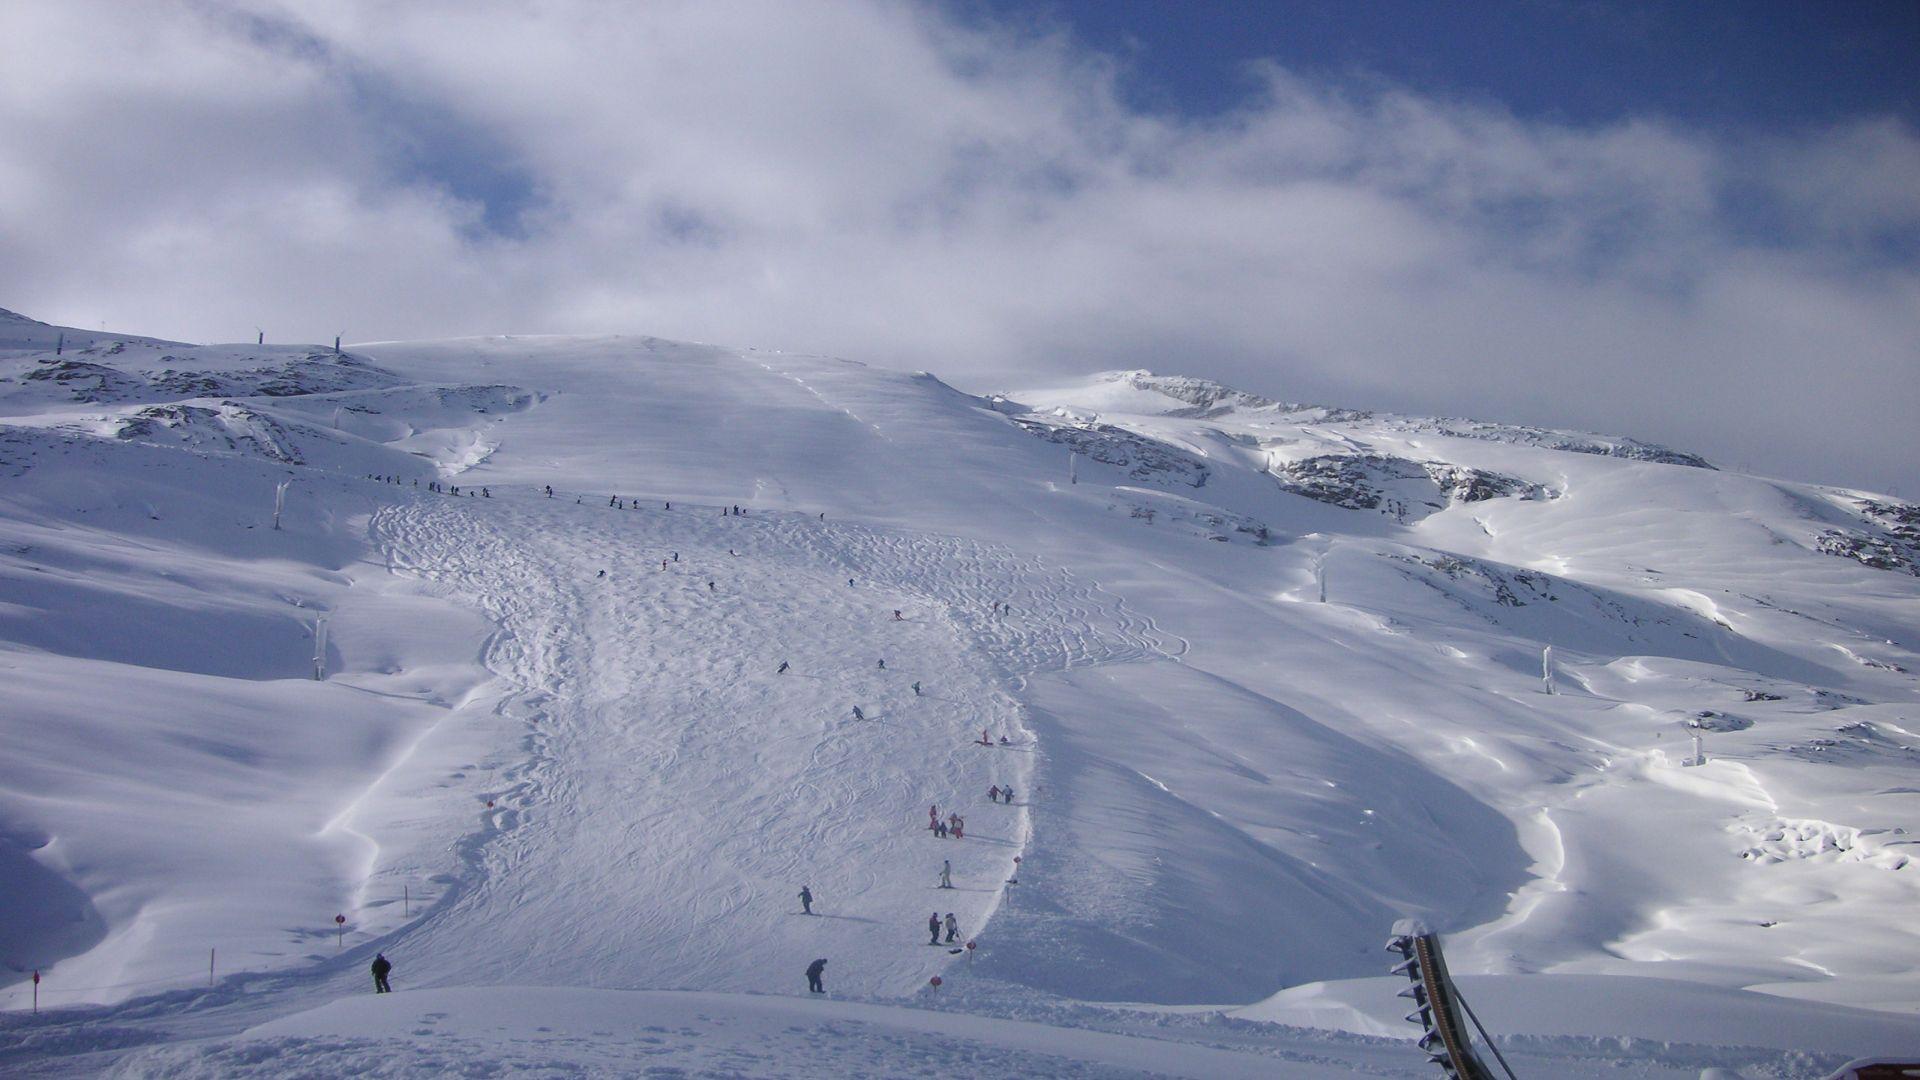 Ski slope wallpaper   594718 1920x1080